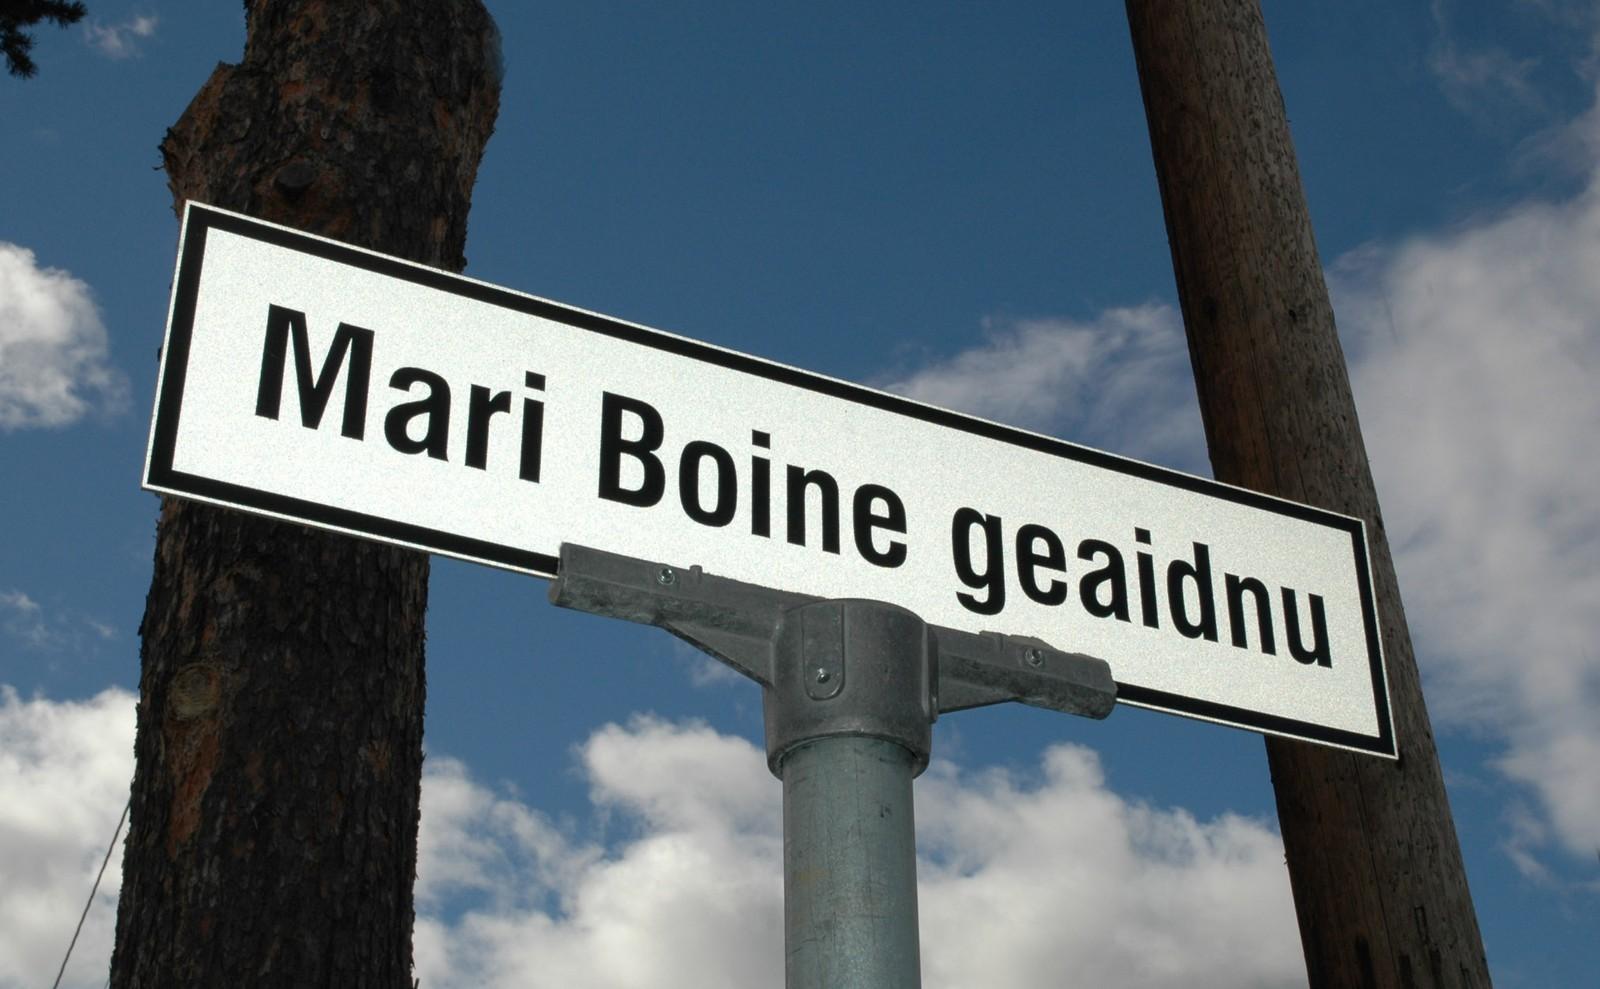 Mari Boines hjemkommune Karasjok, hedret artisten med å døpe en gate i hennes navn. Gata het tidligere Museumsgata, og i samme gate har NRK Sápmis hovedredaksjon sitt tilholdssted.